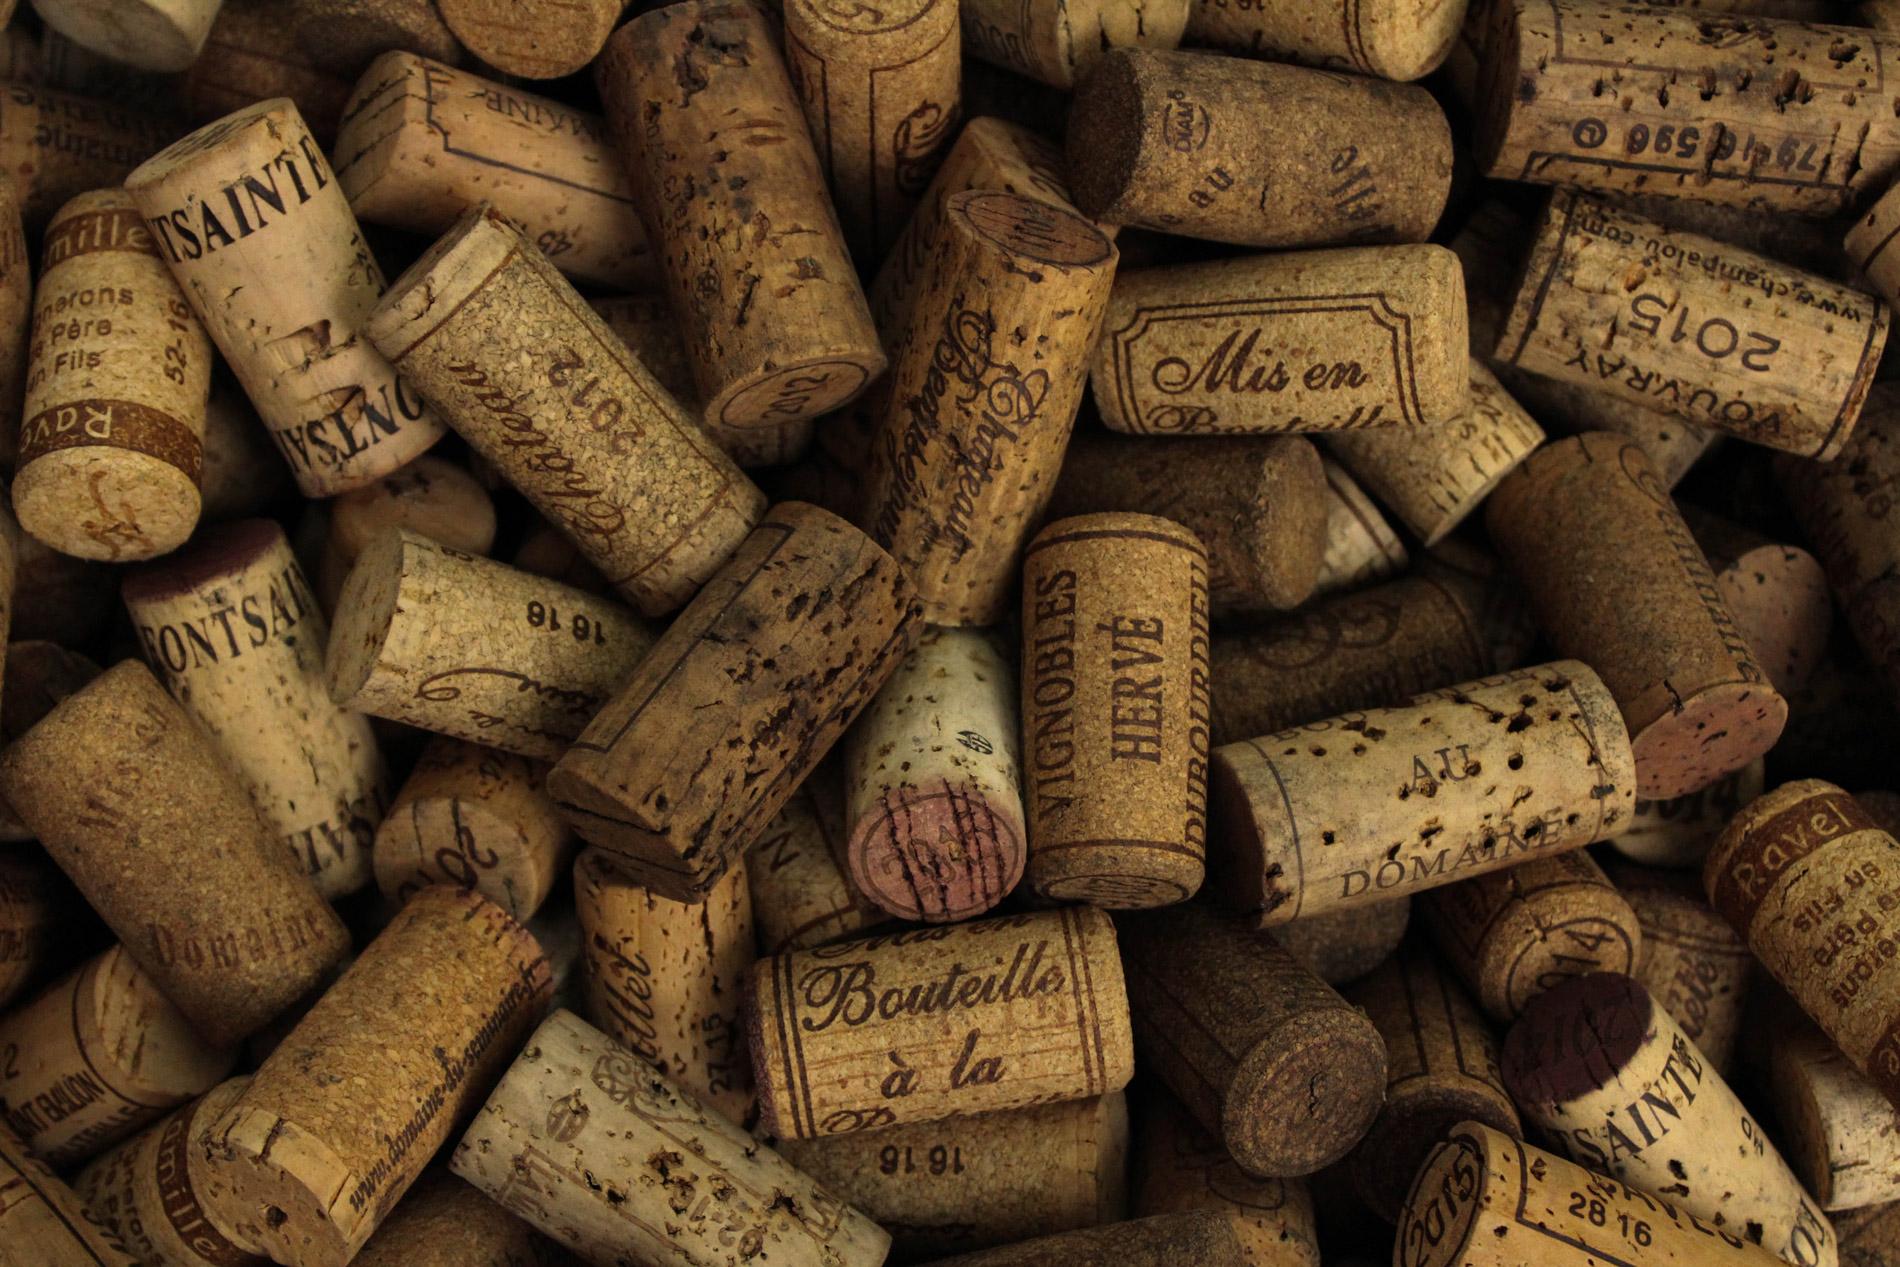 Dónde comprar vino online, 10 referencias para winehunters